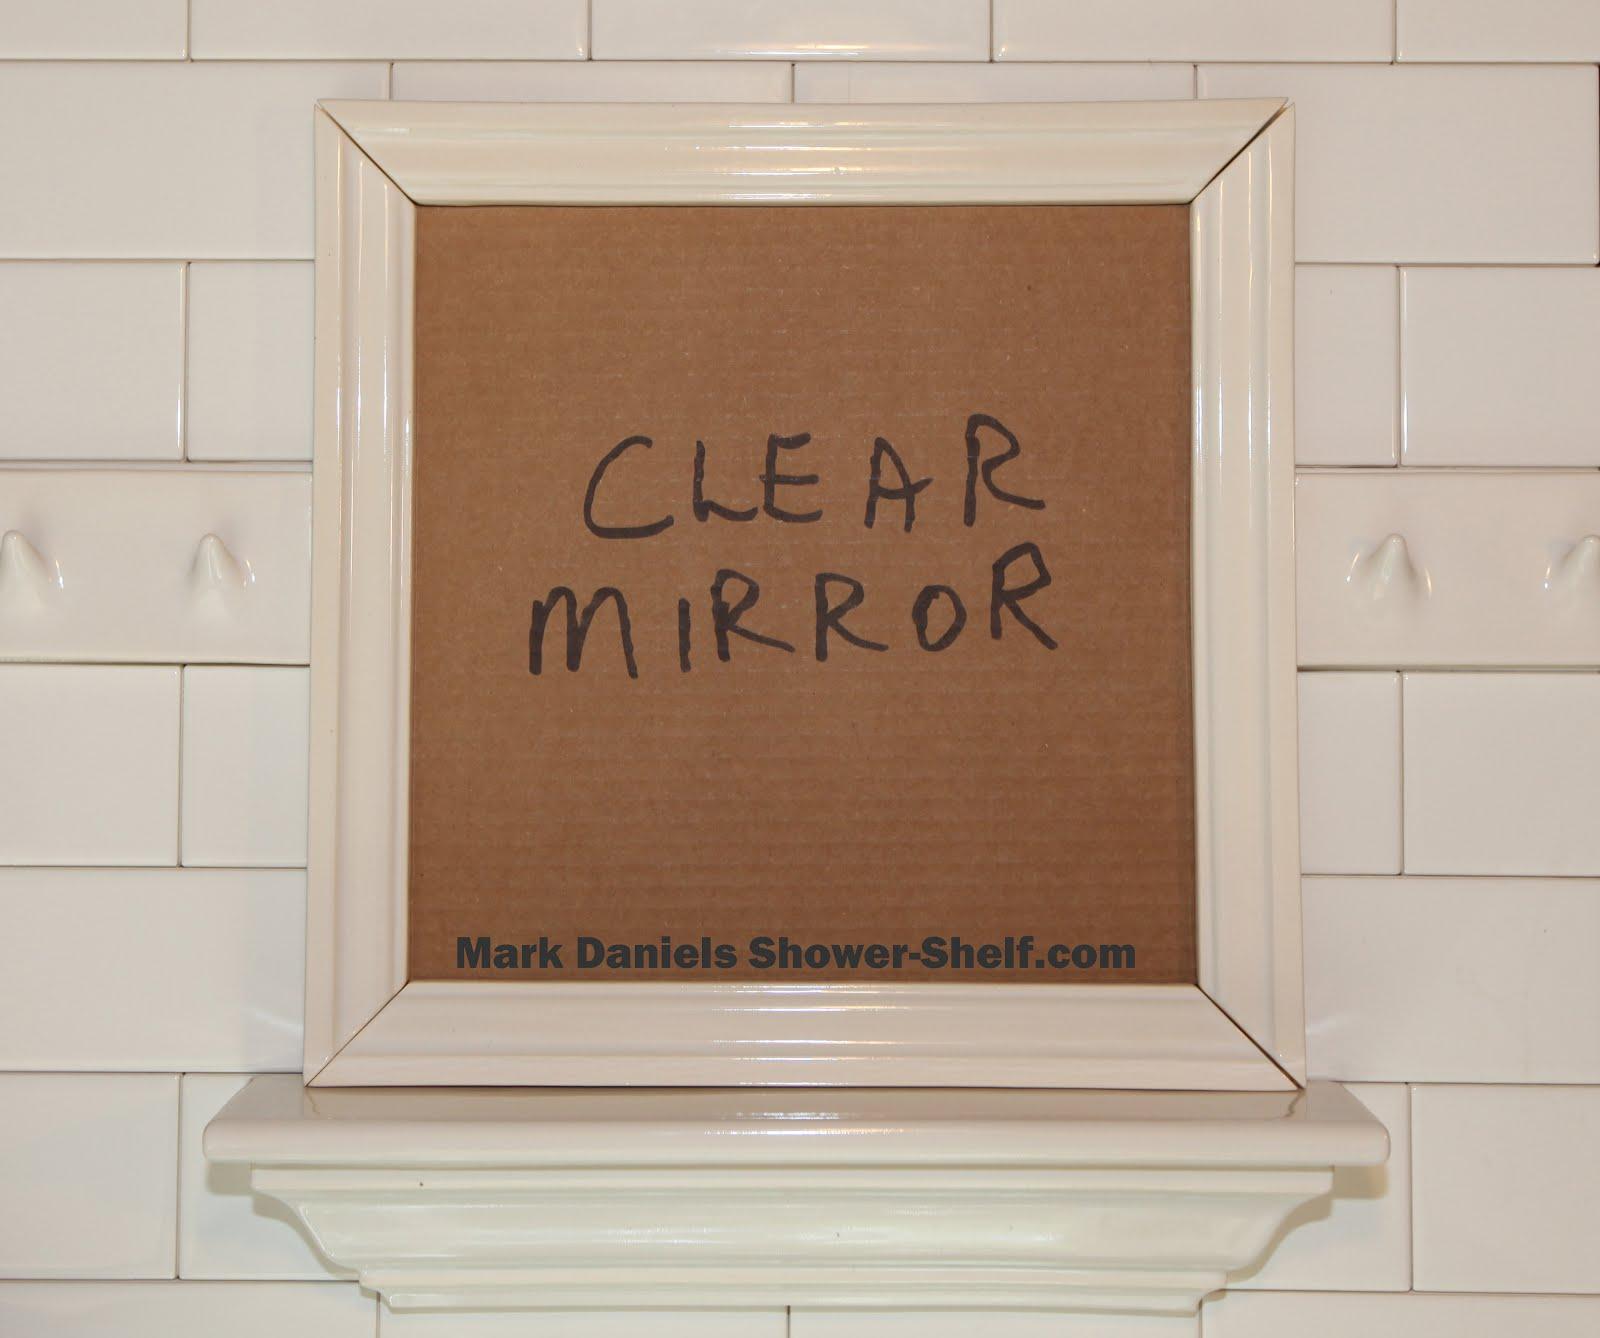 Bathroom Remodeling Design Ideas Tile Shower Niches: June 2012